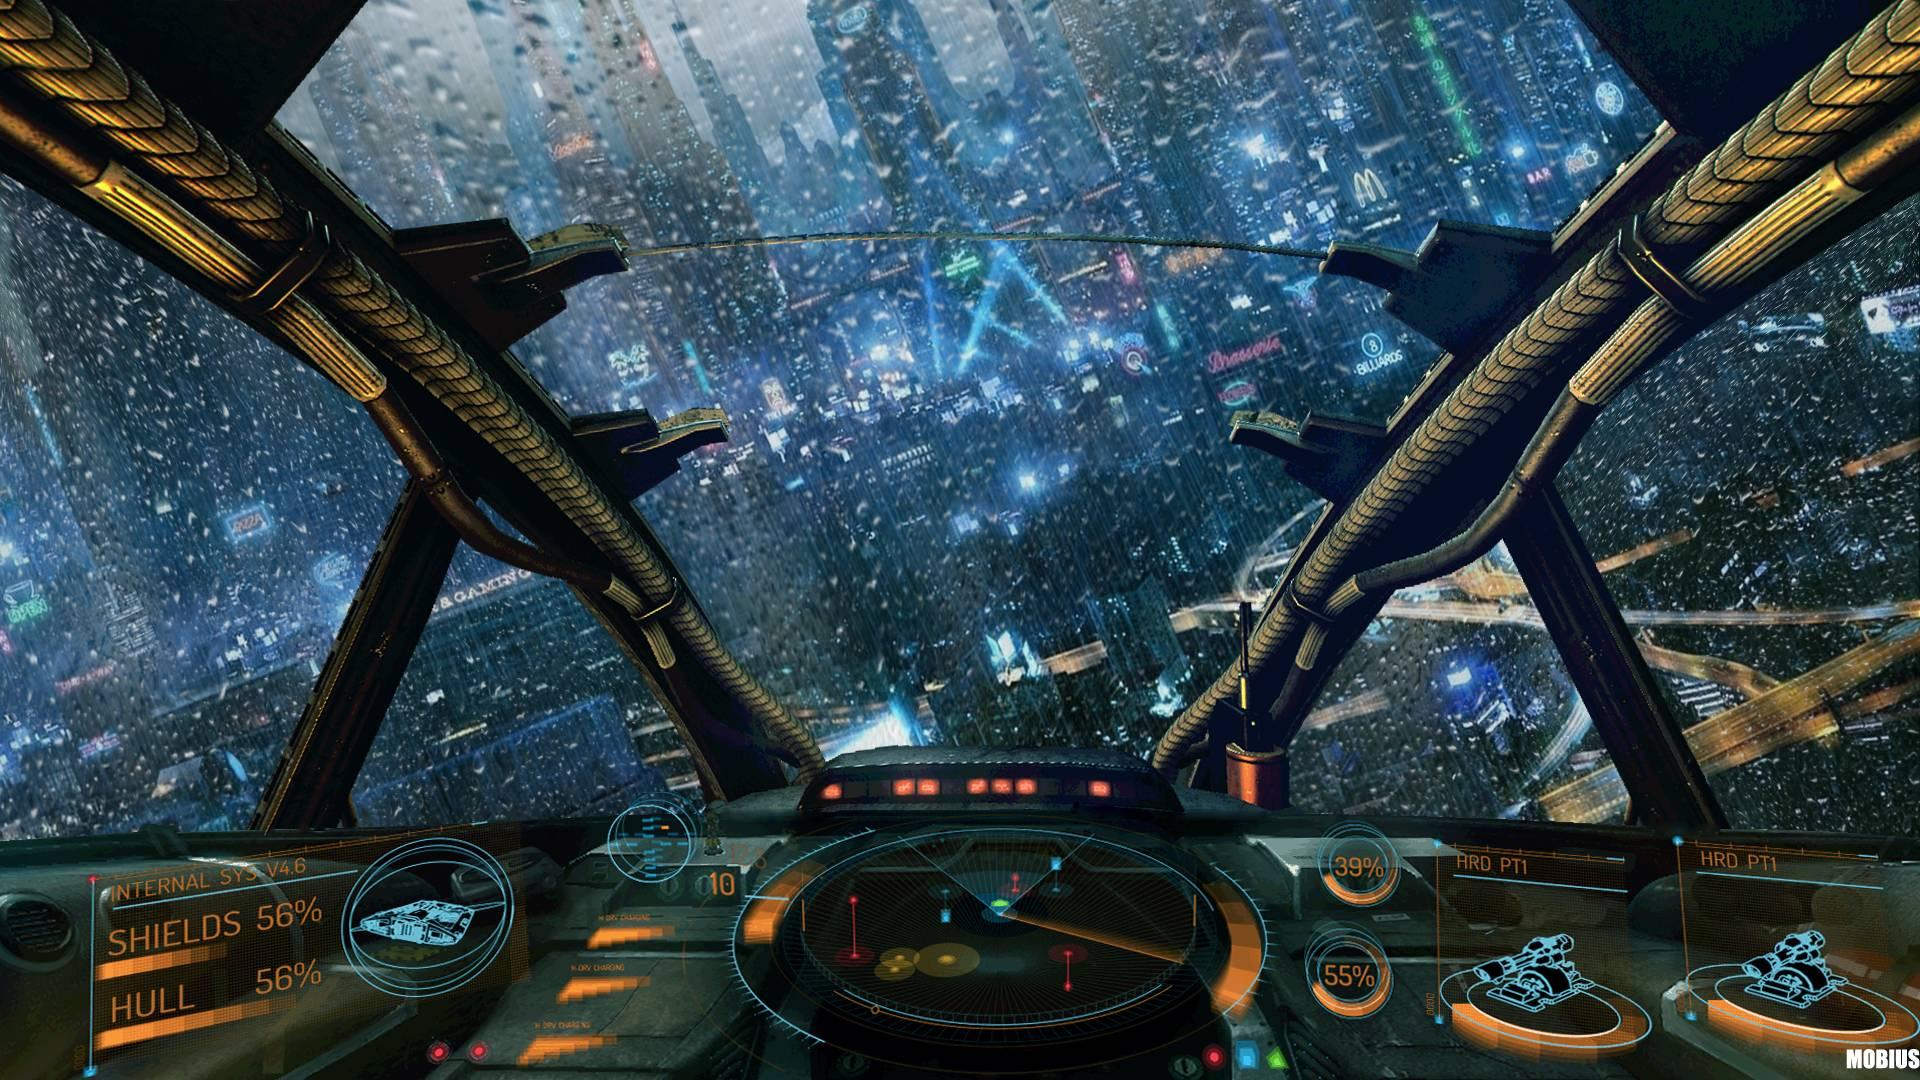 elite dangerous cockpit hd wallpaper - photo #2